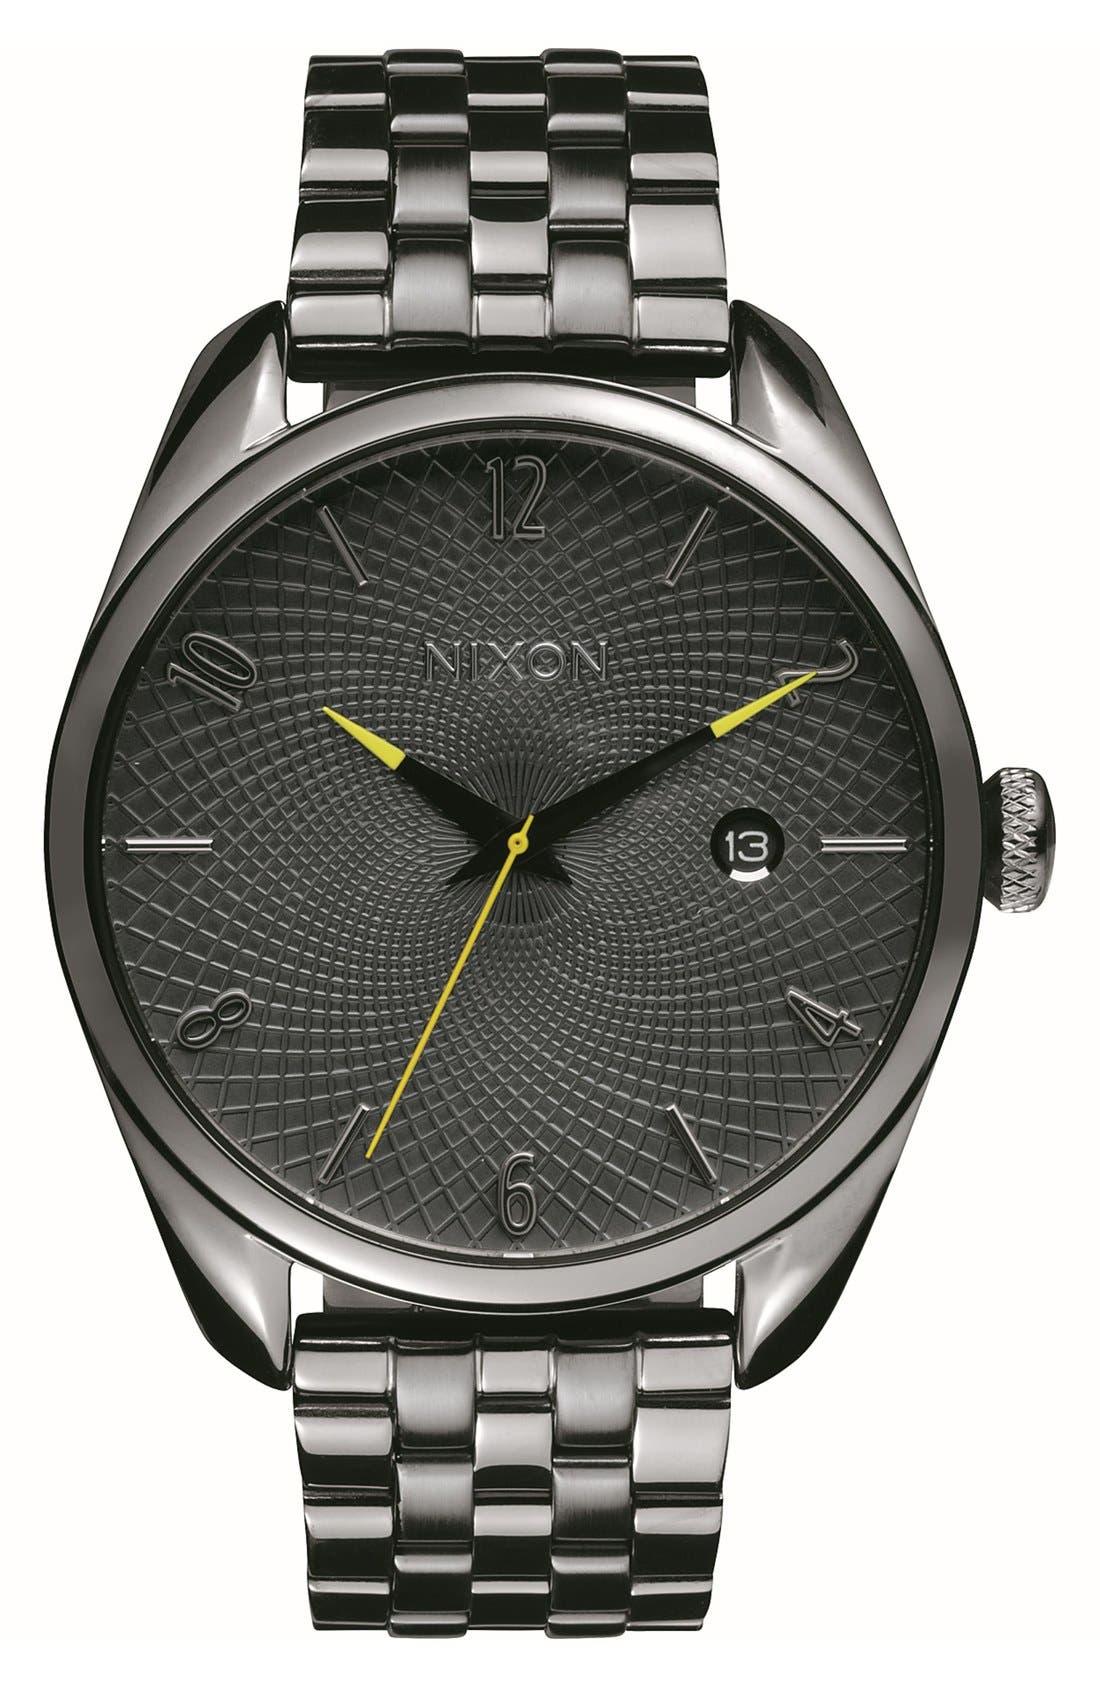 Nixon 'Bullet' Guilloche Dial Bracelet Watch, 38mm